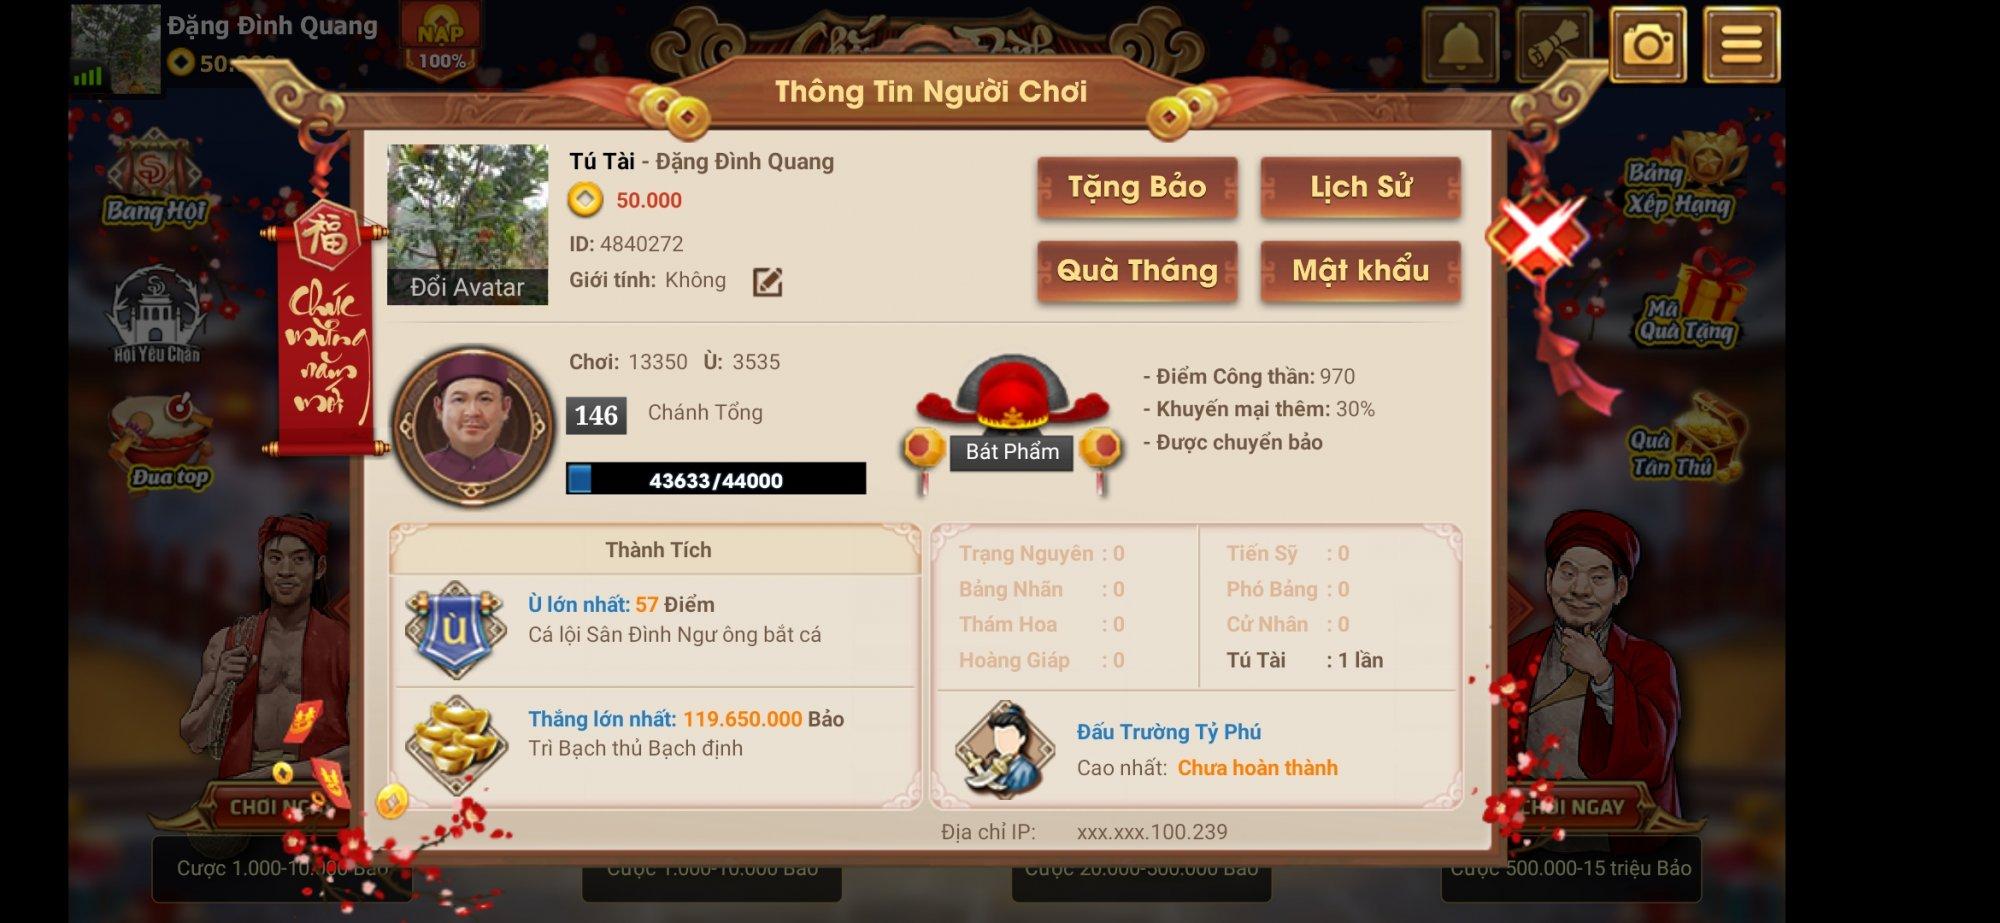 Screenshot_2020-02-20-00-43-32-076_com.vietsao.chandangian.